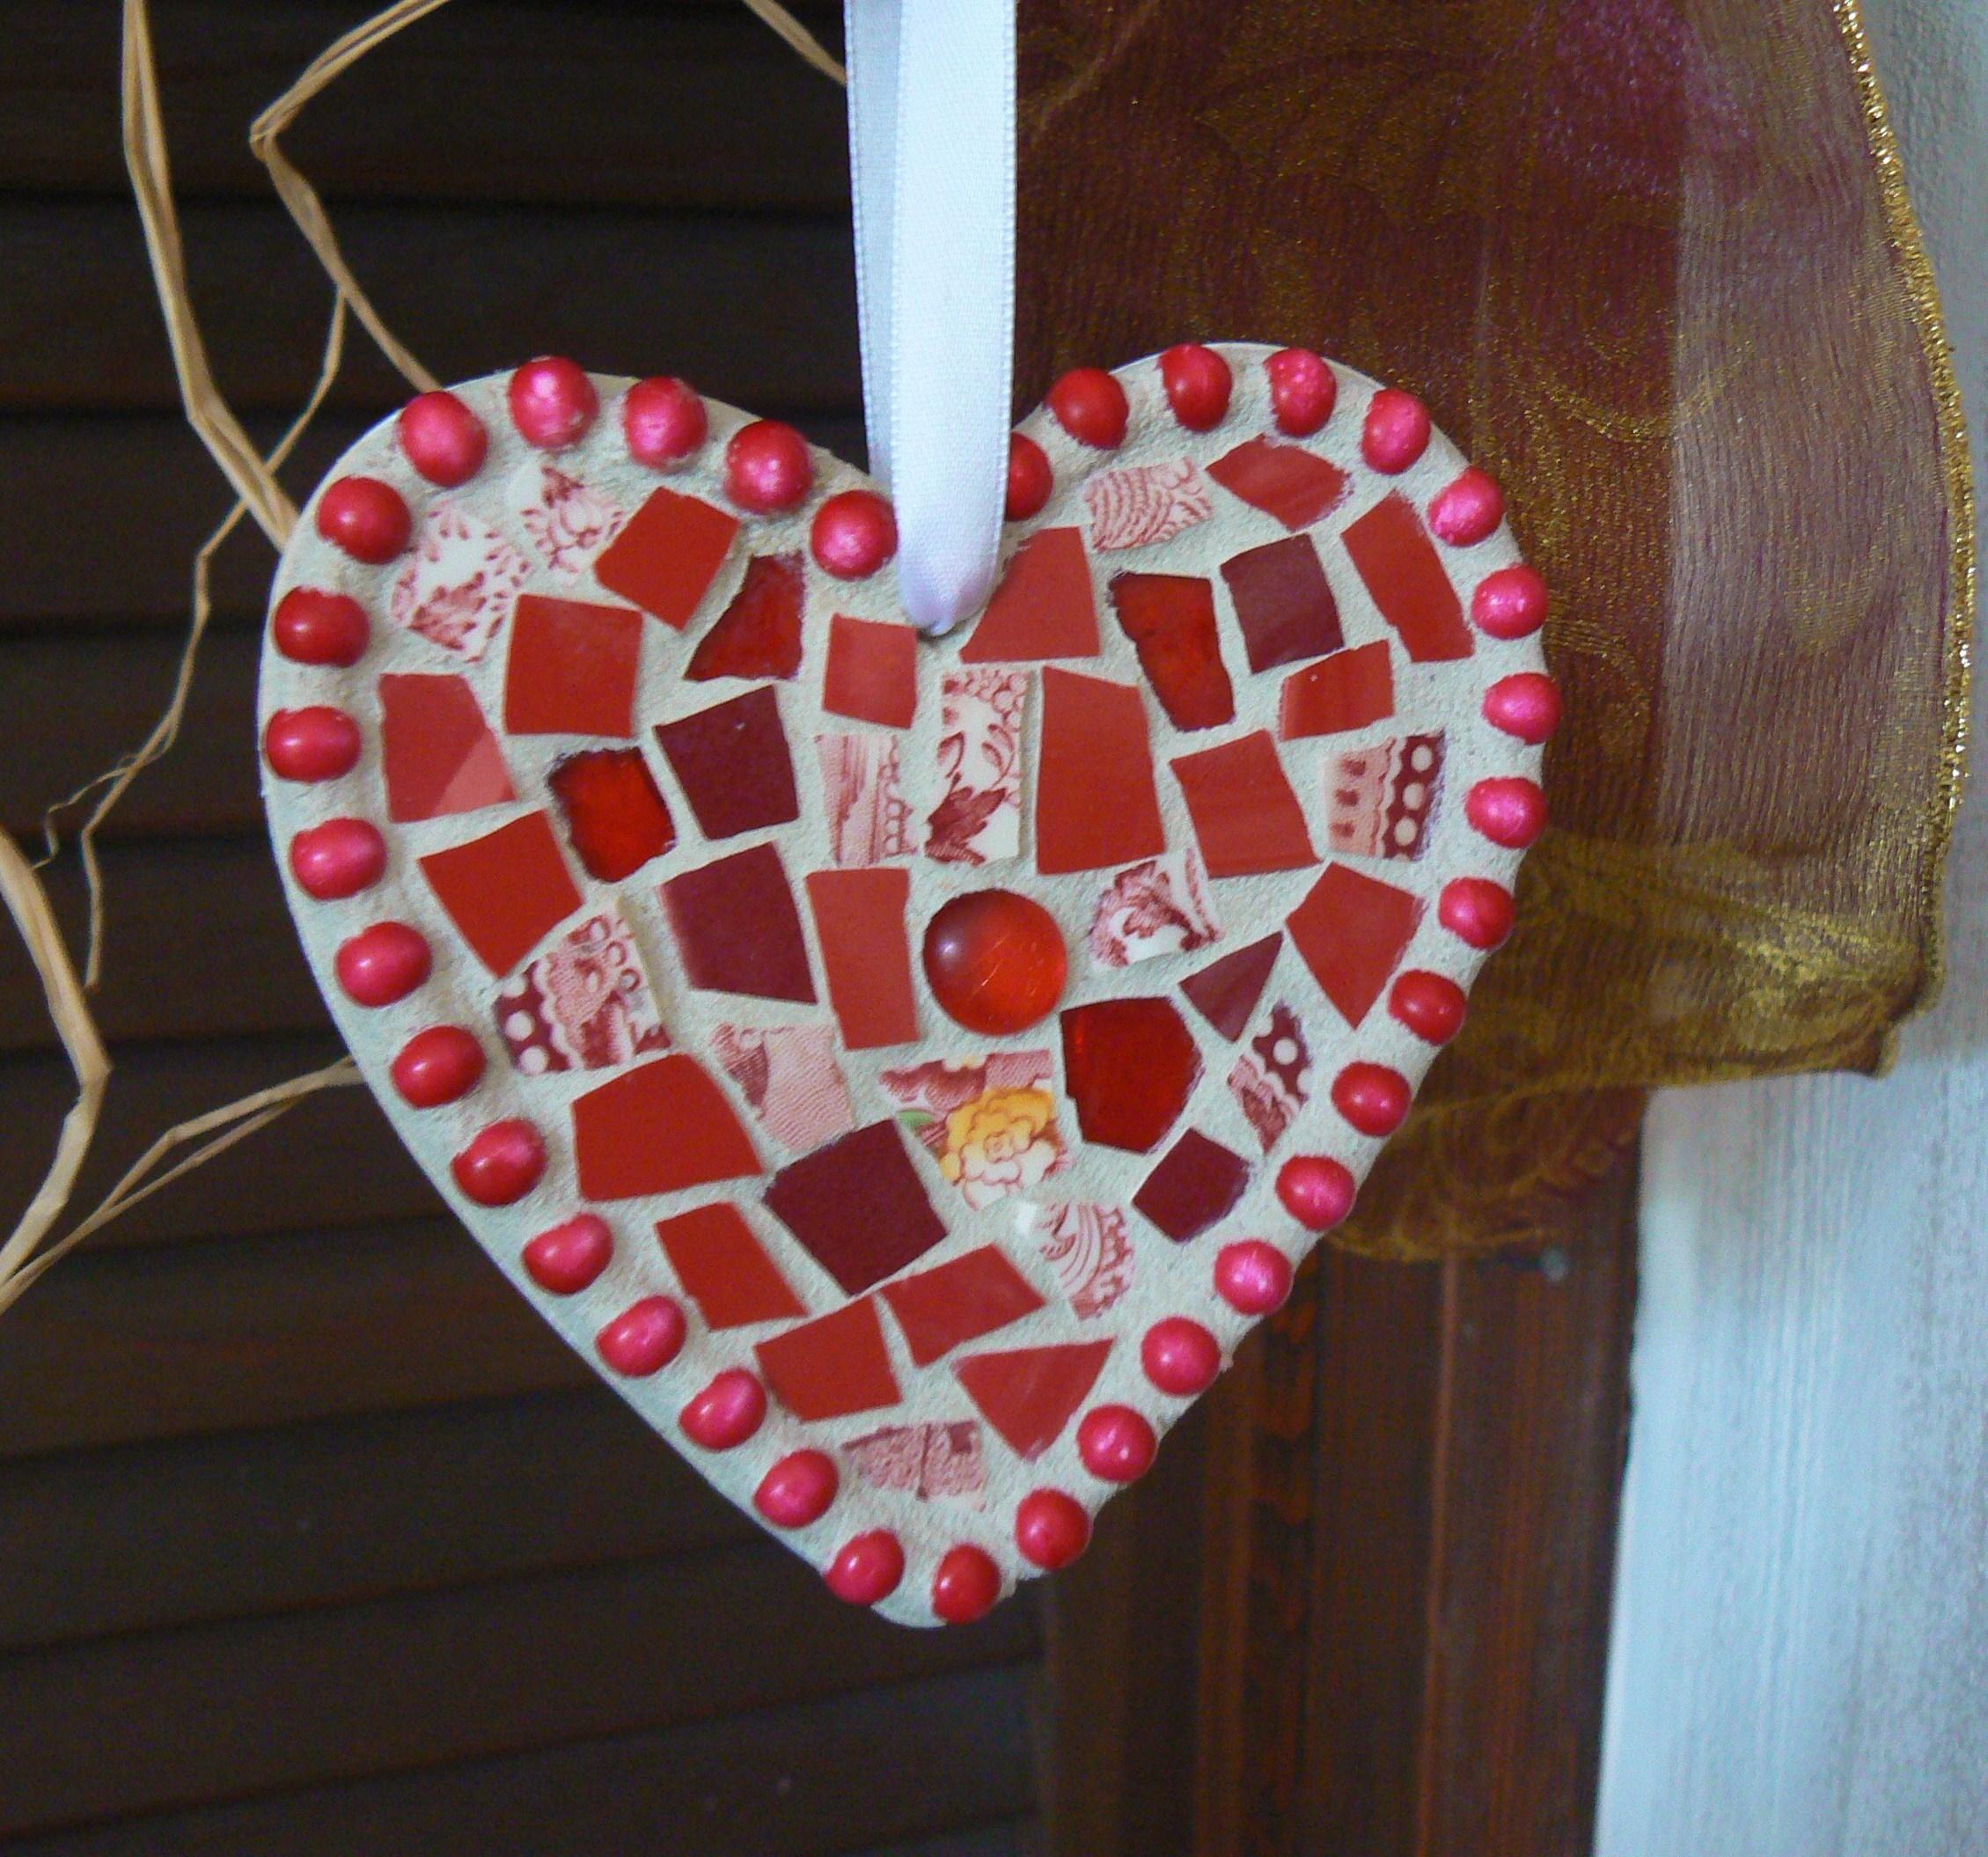 red-heart_1.jpg